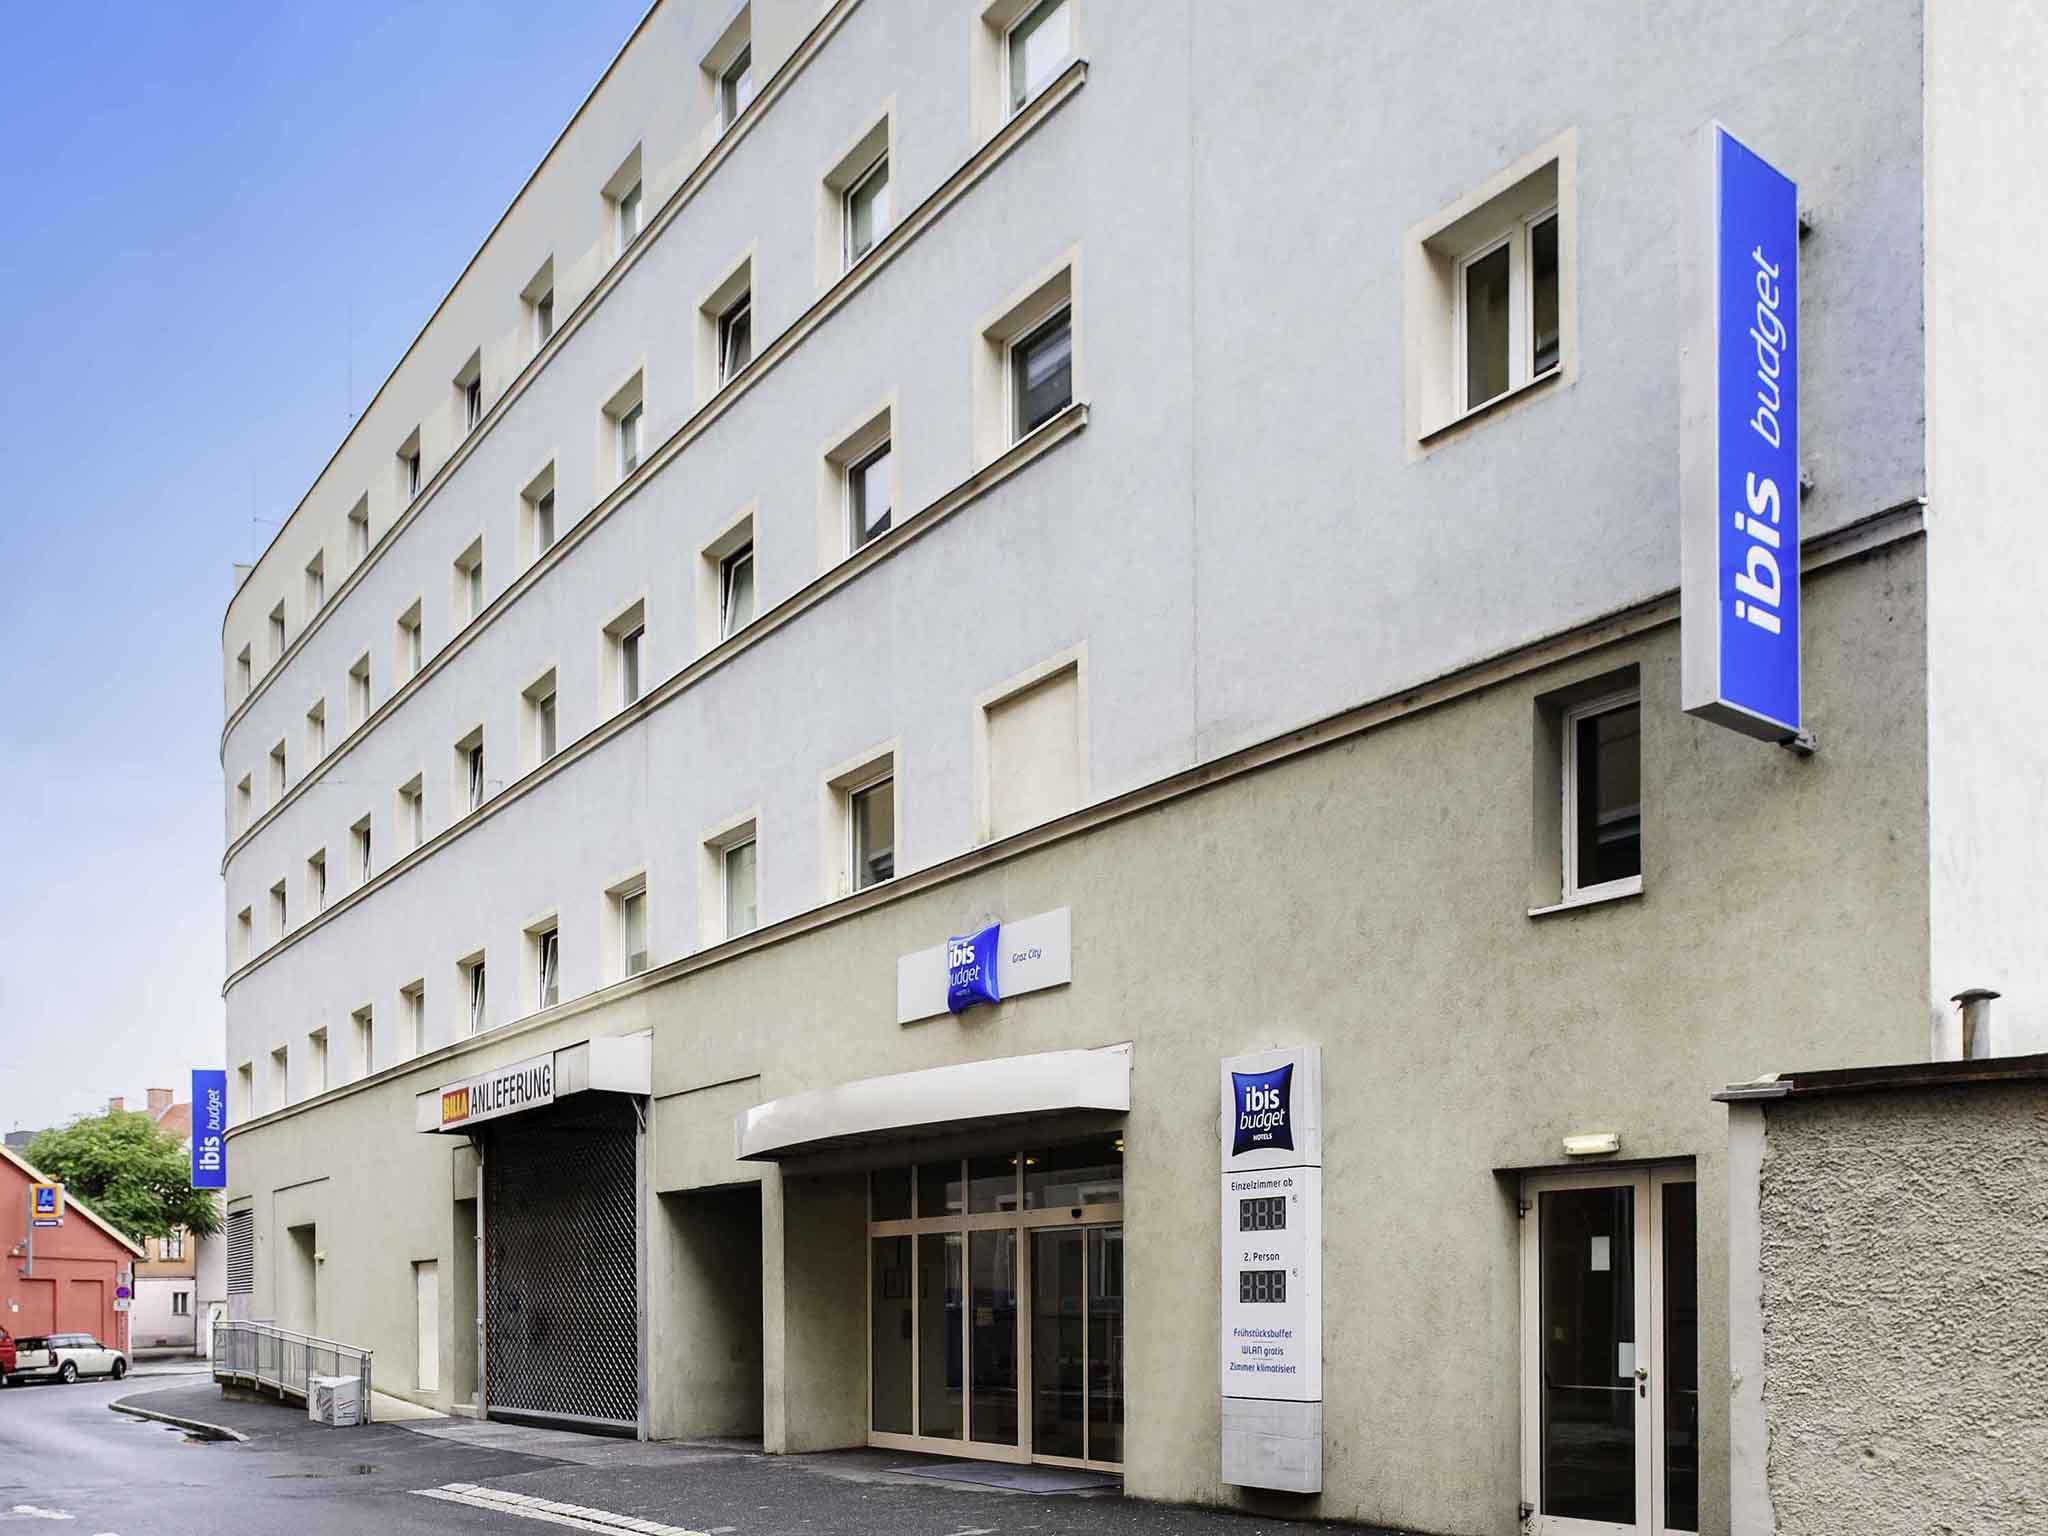 酒店 – ibis budget 格拉茨城市酒店